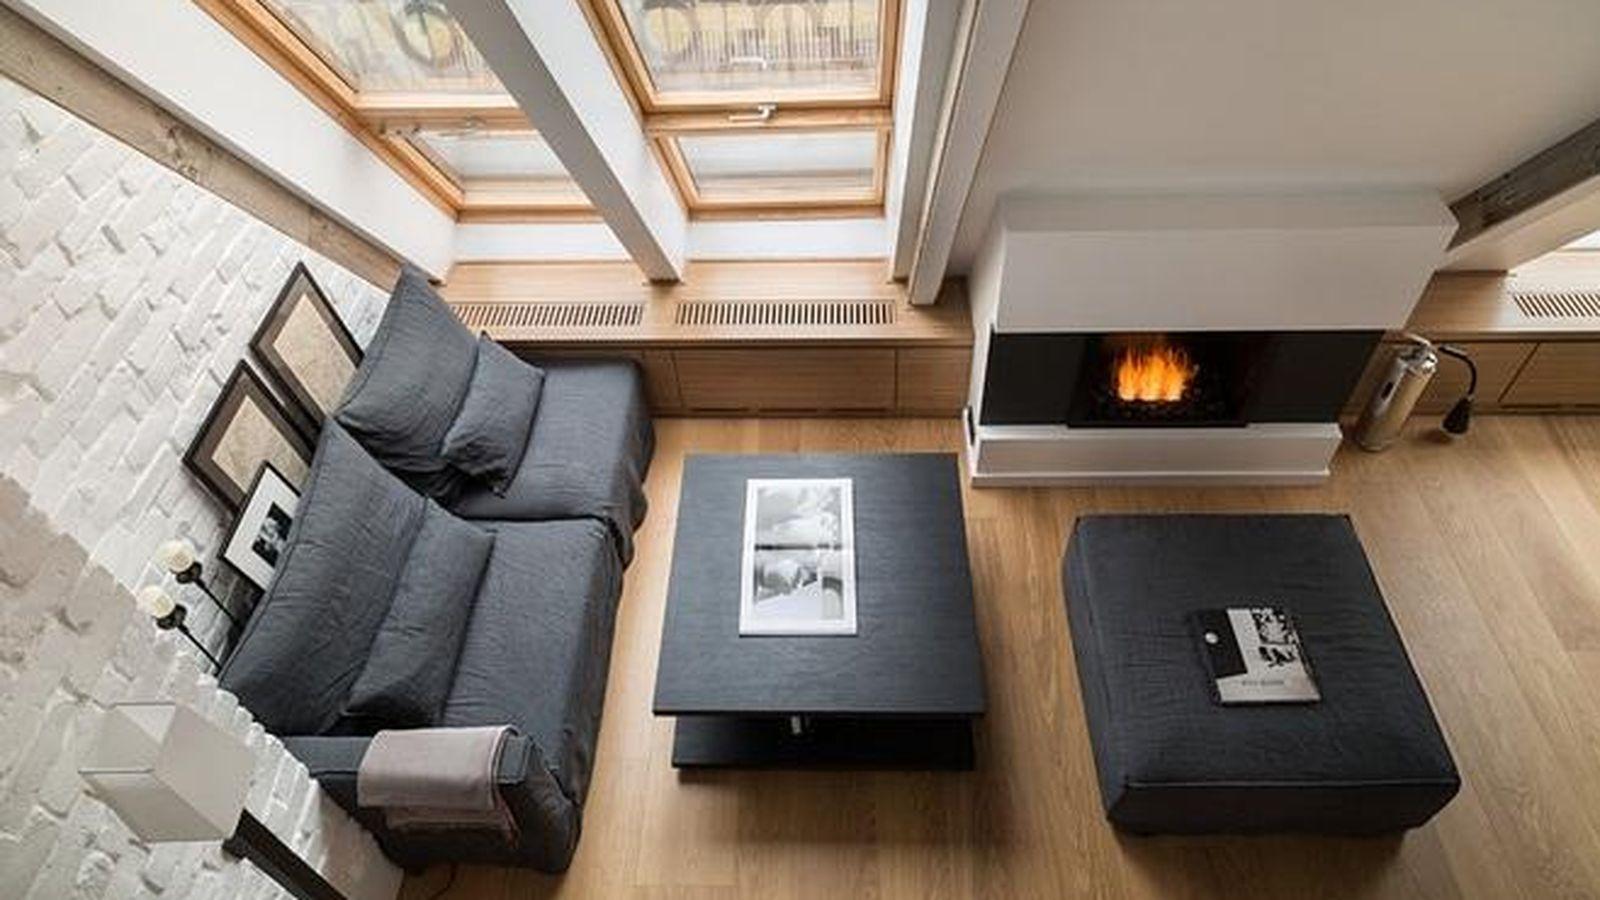 Sala Comedor Pequeño Diseño : Vivienda tienes un salón pequeño diez ideas de decoración para